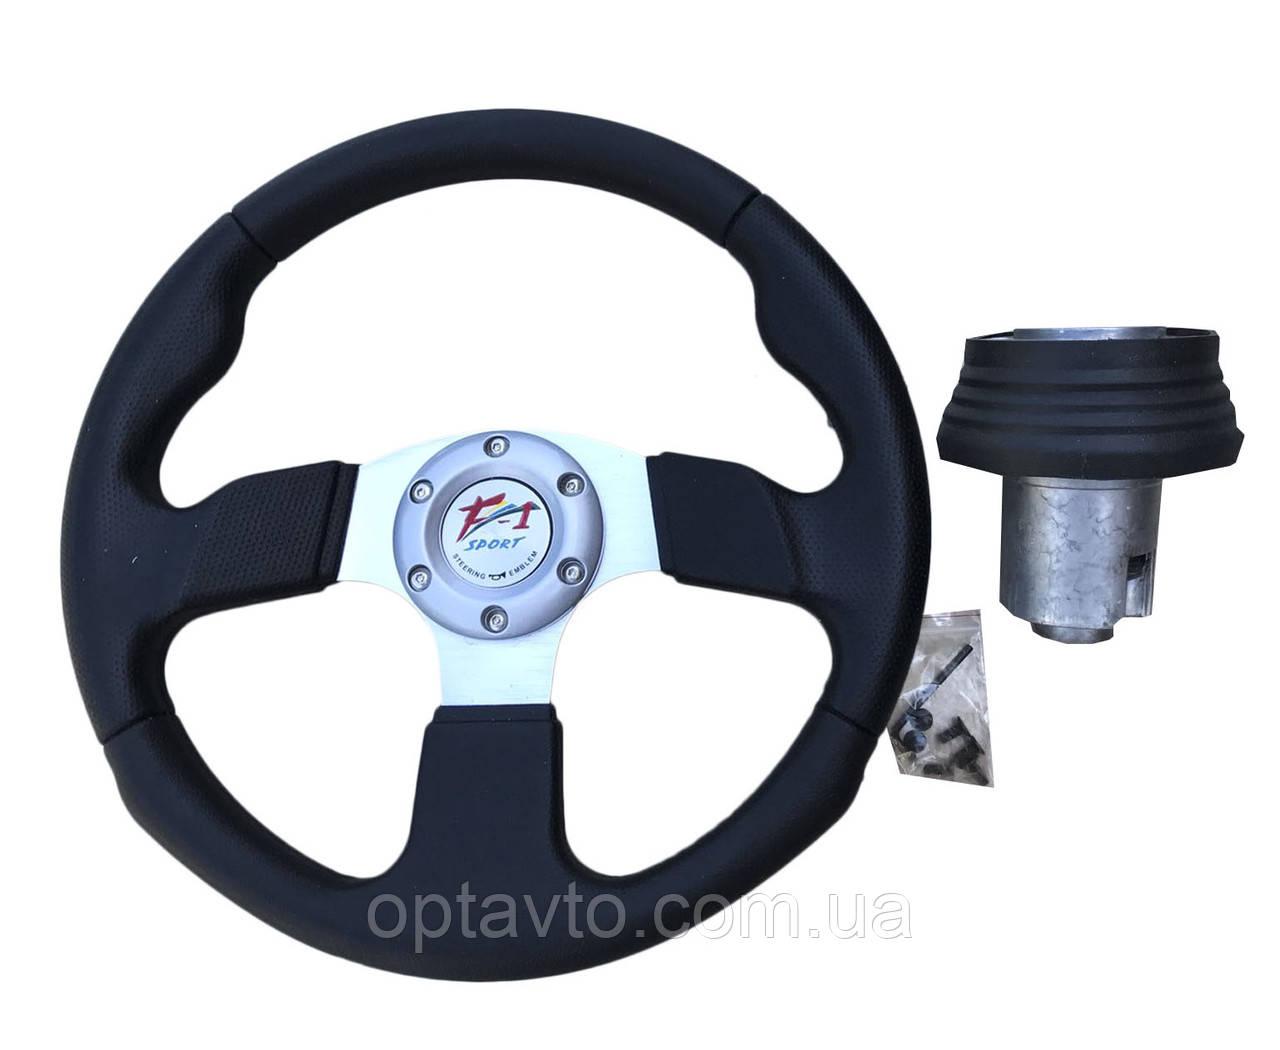 Руль на Ваз 21099 в комплекте с адаптером (переходником под руль) Спорт руль с кнопкой сигнала.